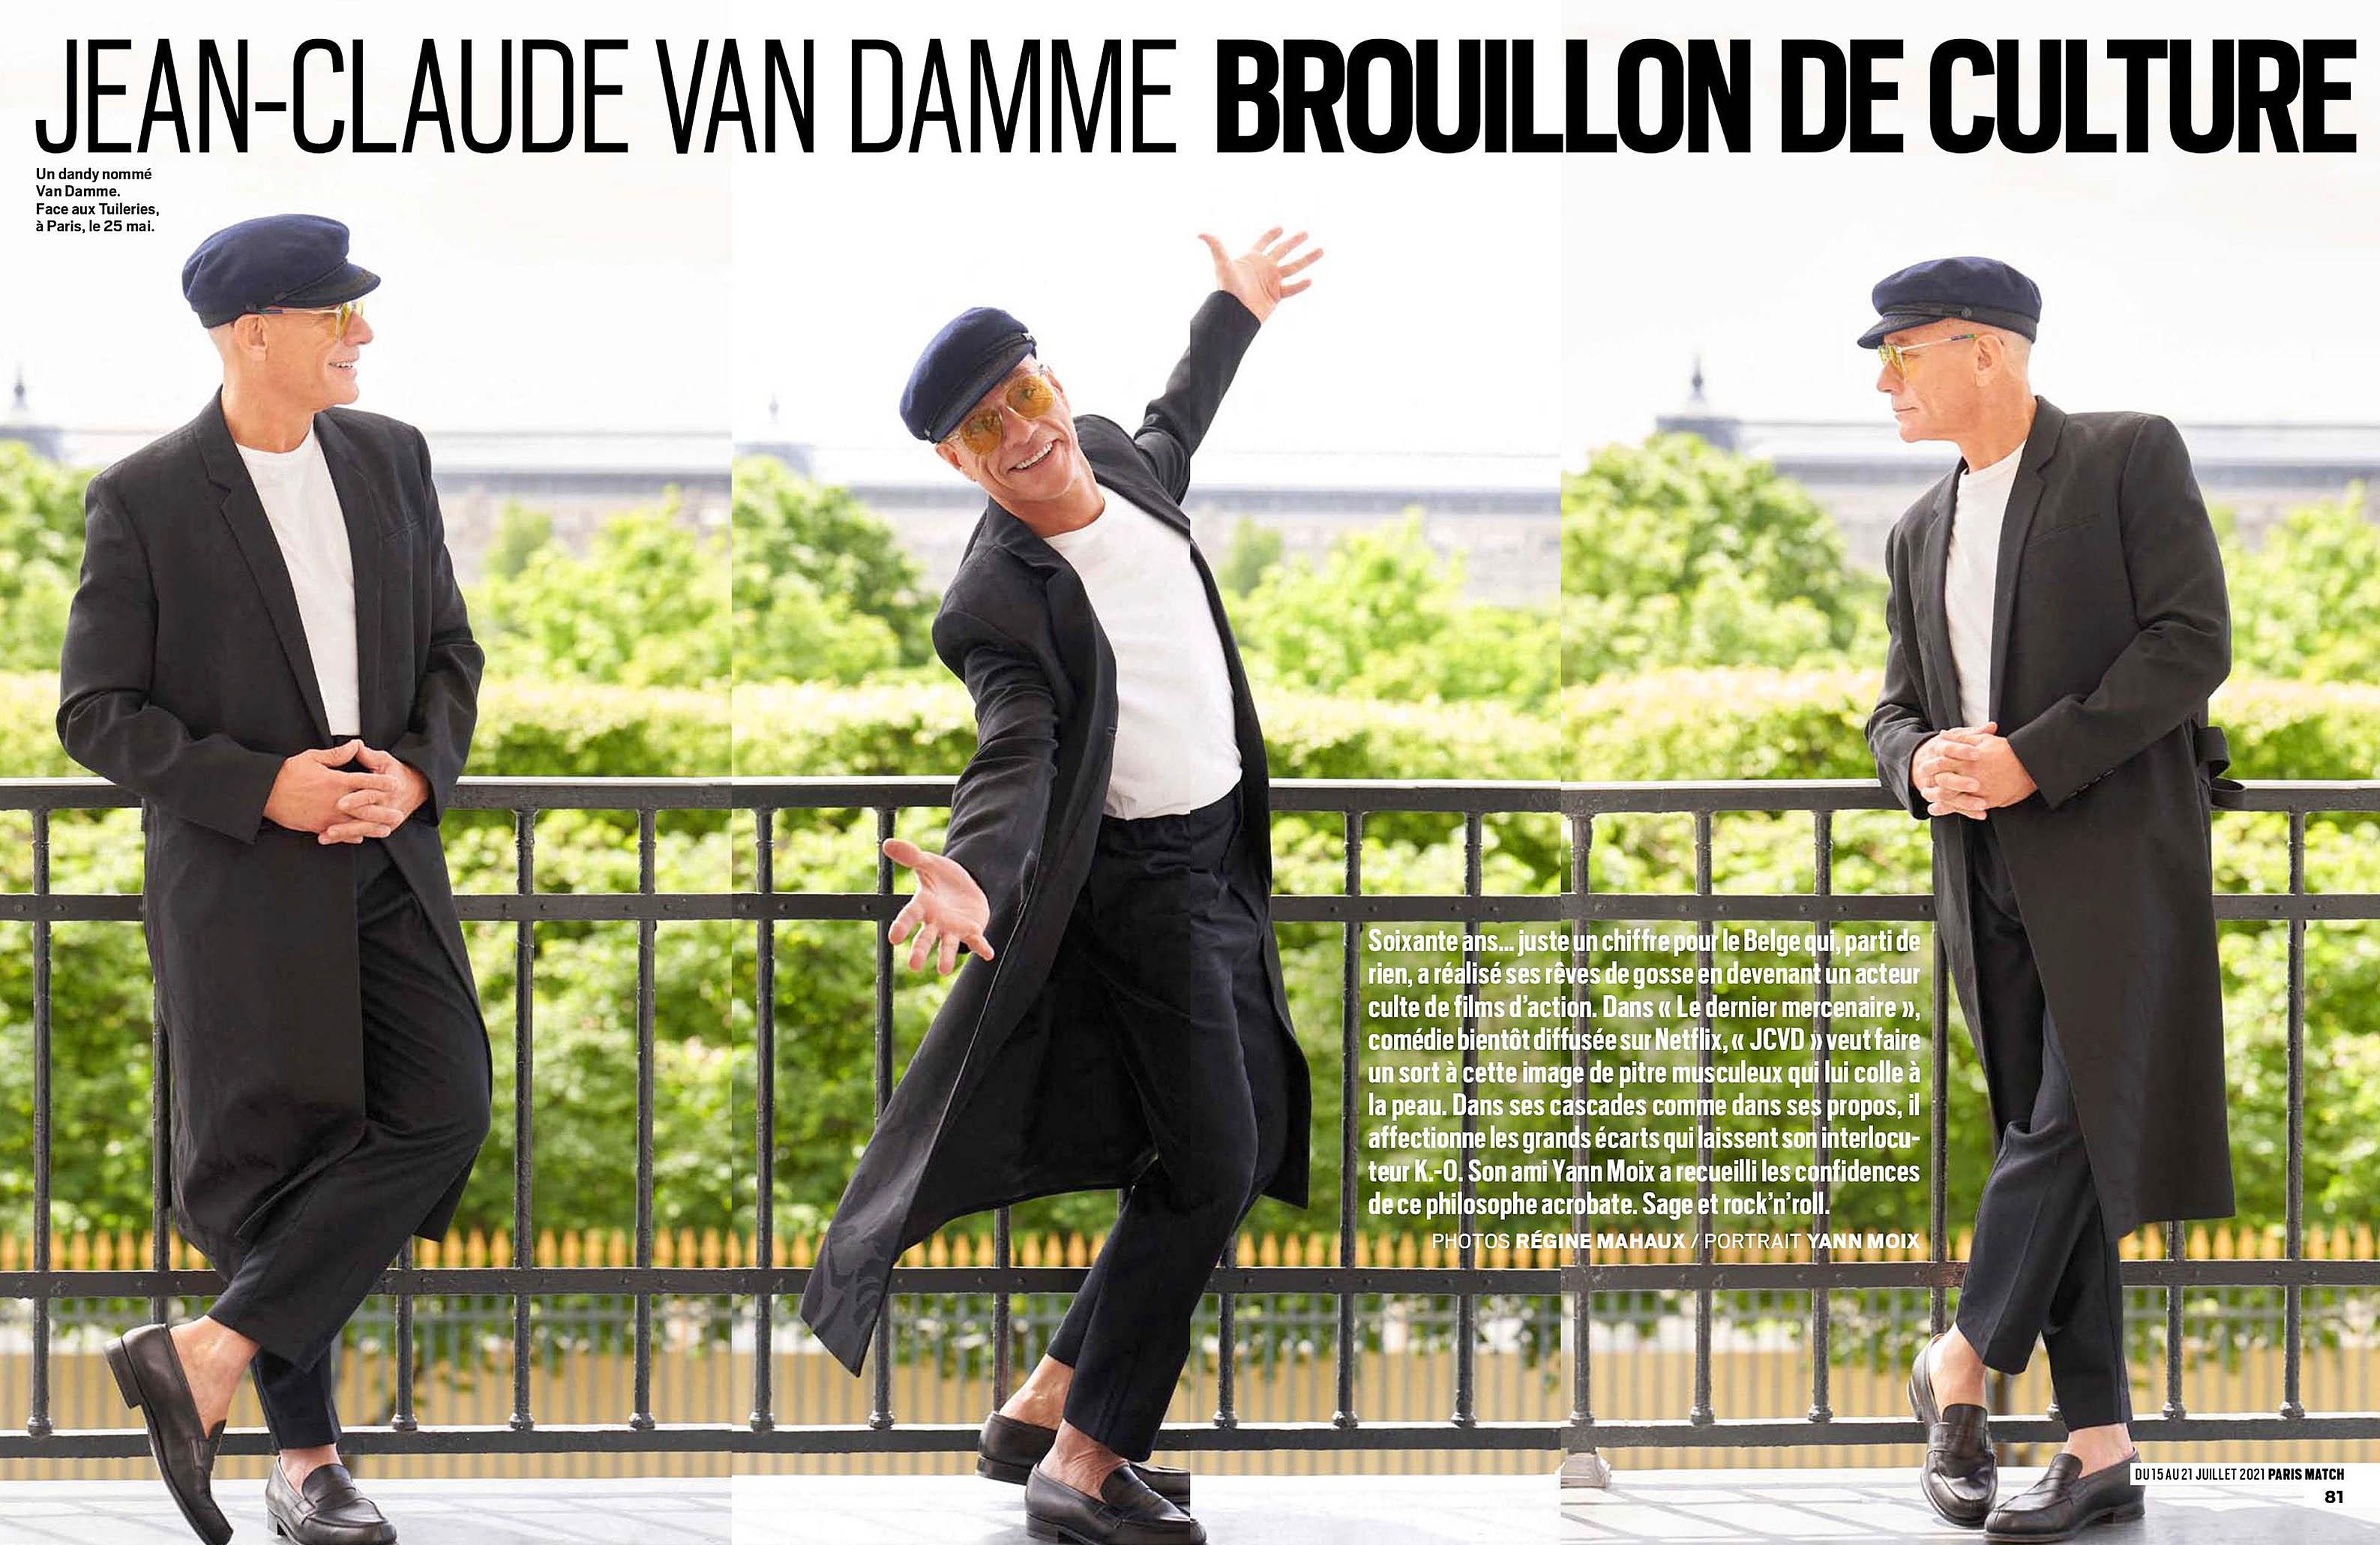 Paris Match 210715 Van Damme 01.jpg